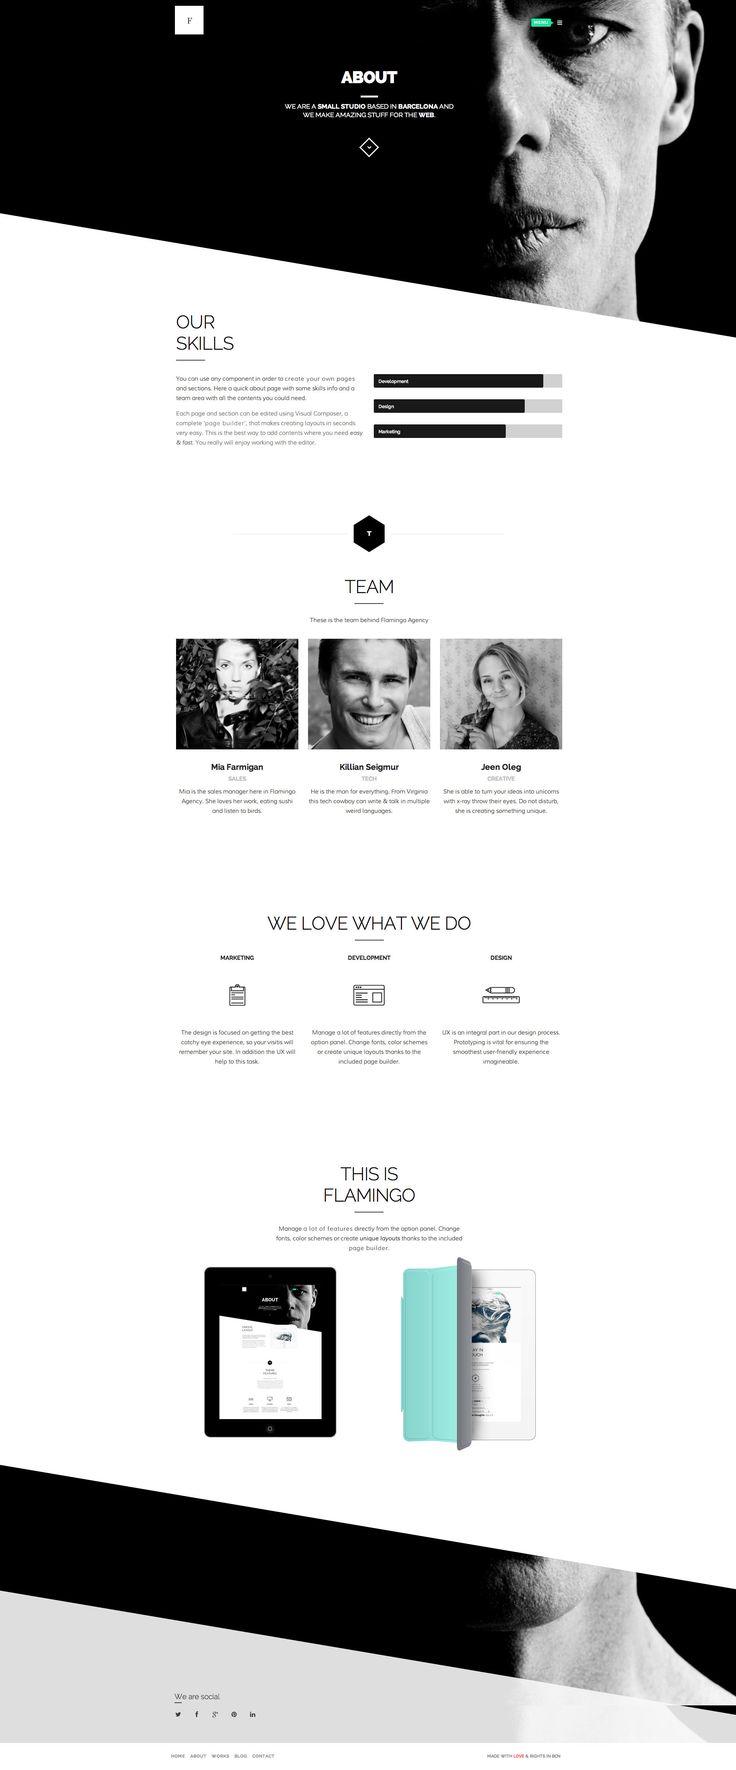 Flamingo - Agency & Freelance Portfolio Theme http://themeforest.net/item/flamingo-agency-freelance-portfolio-theme/6077145?ref=wpaw #portfolio #agency #freelance